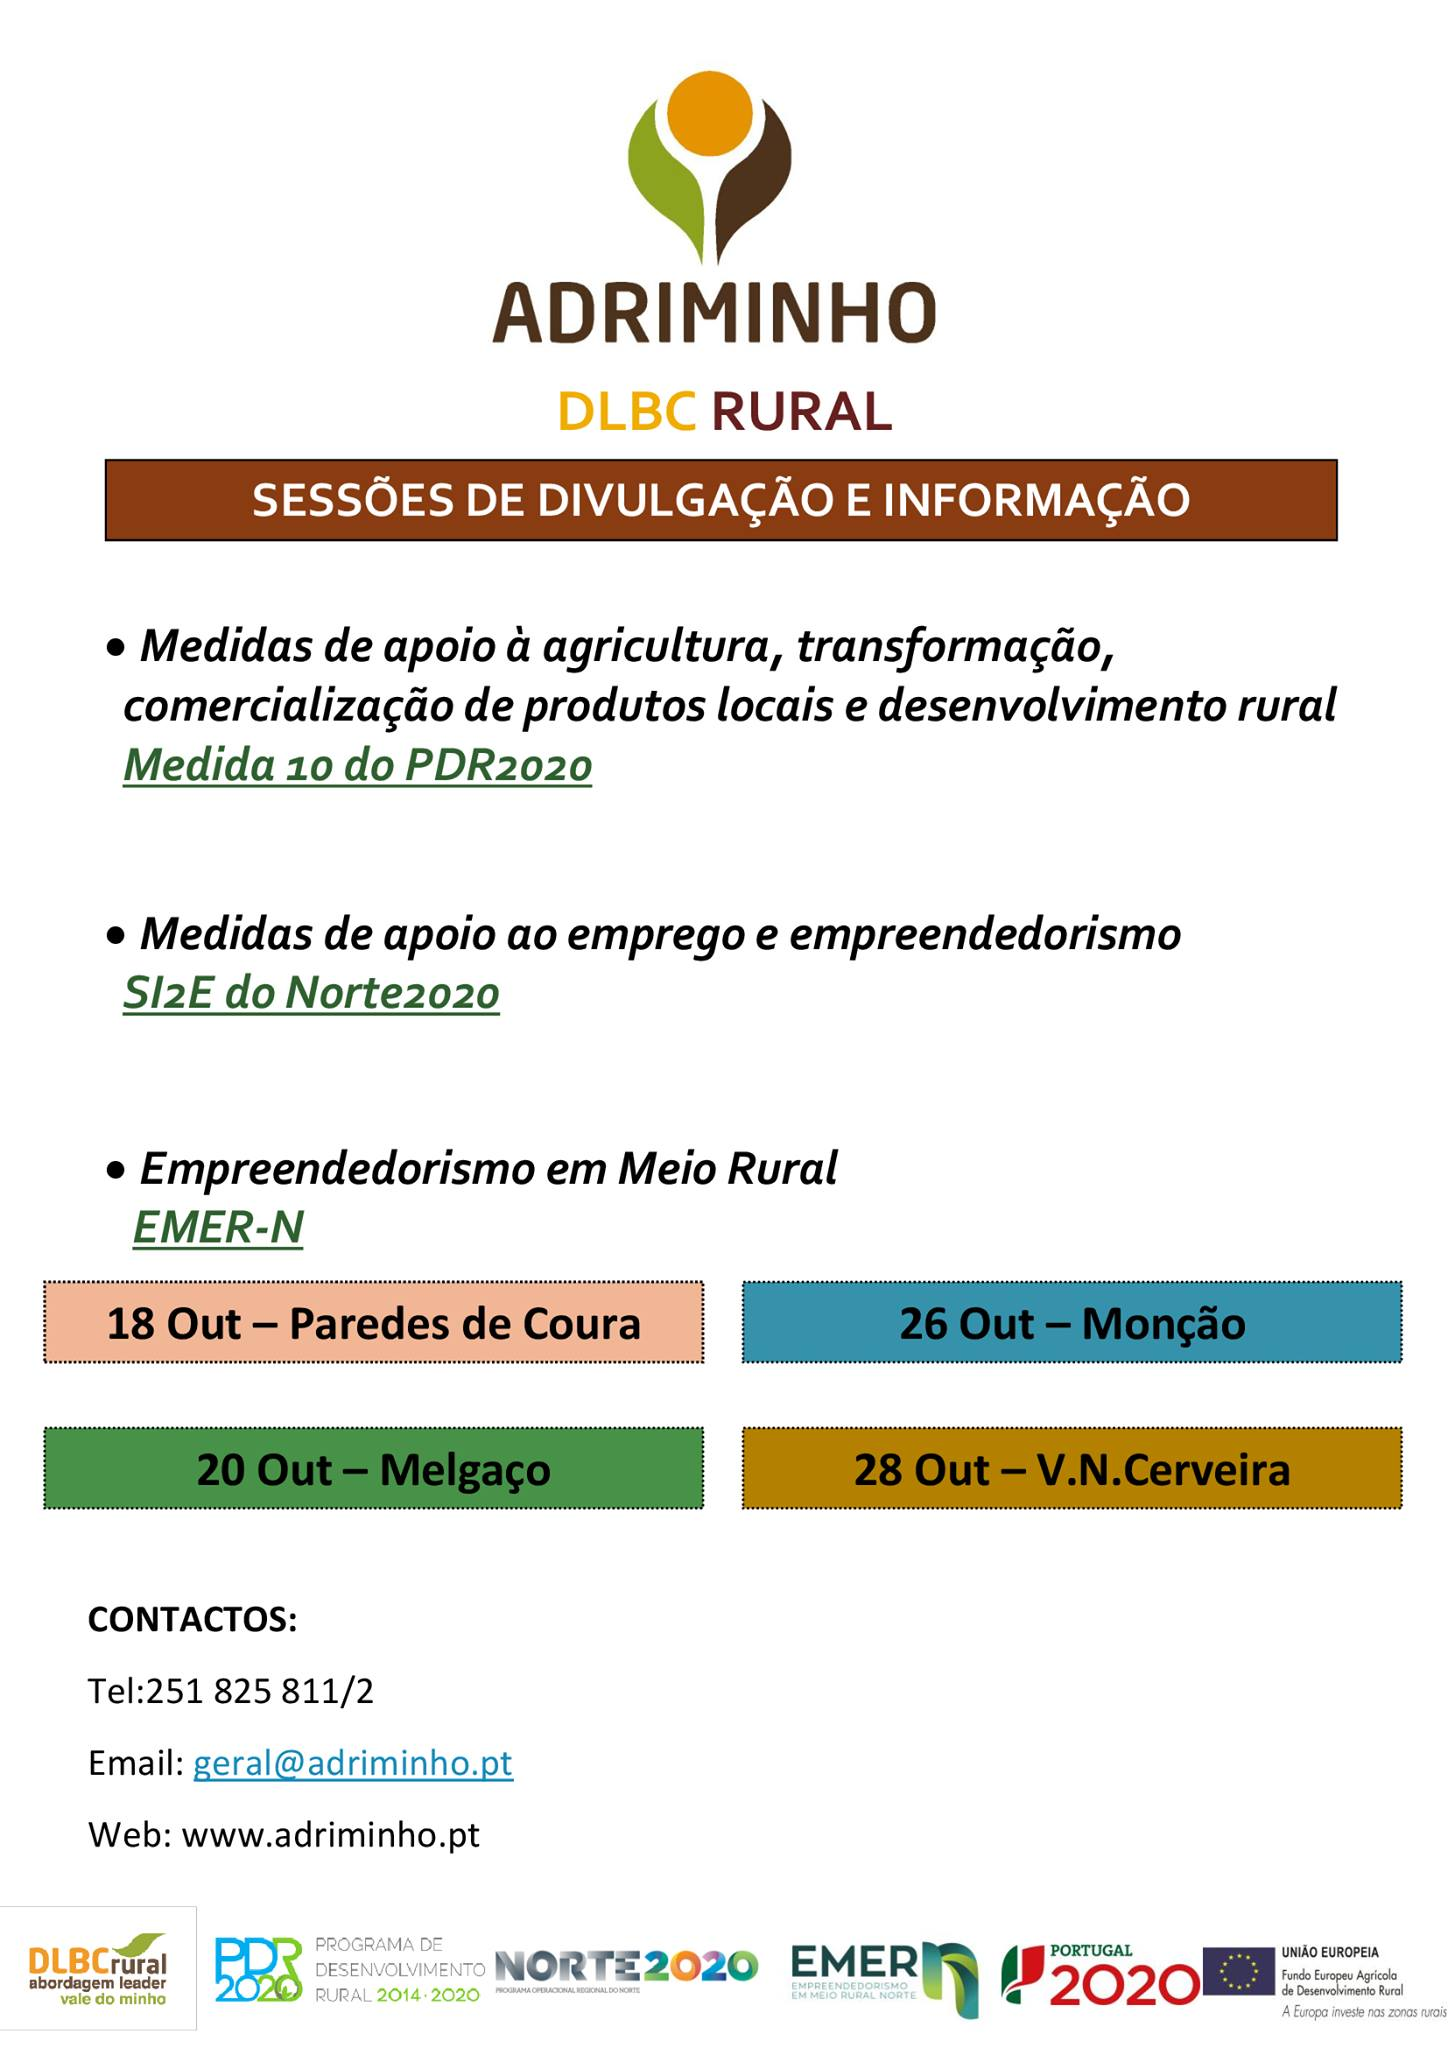 ADRIMINHOpromove Sessões de Divulgação do Projeto EMER N, em Paredes de Coura, Melgaço, Monção e Vila Nova de Cerveira